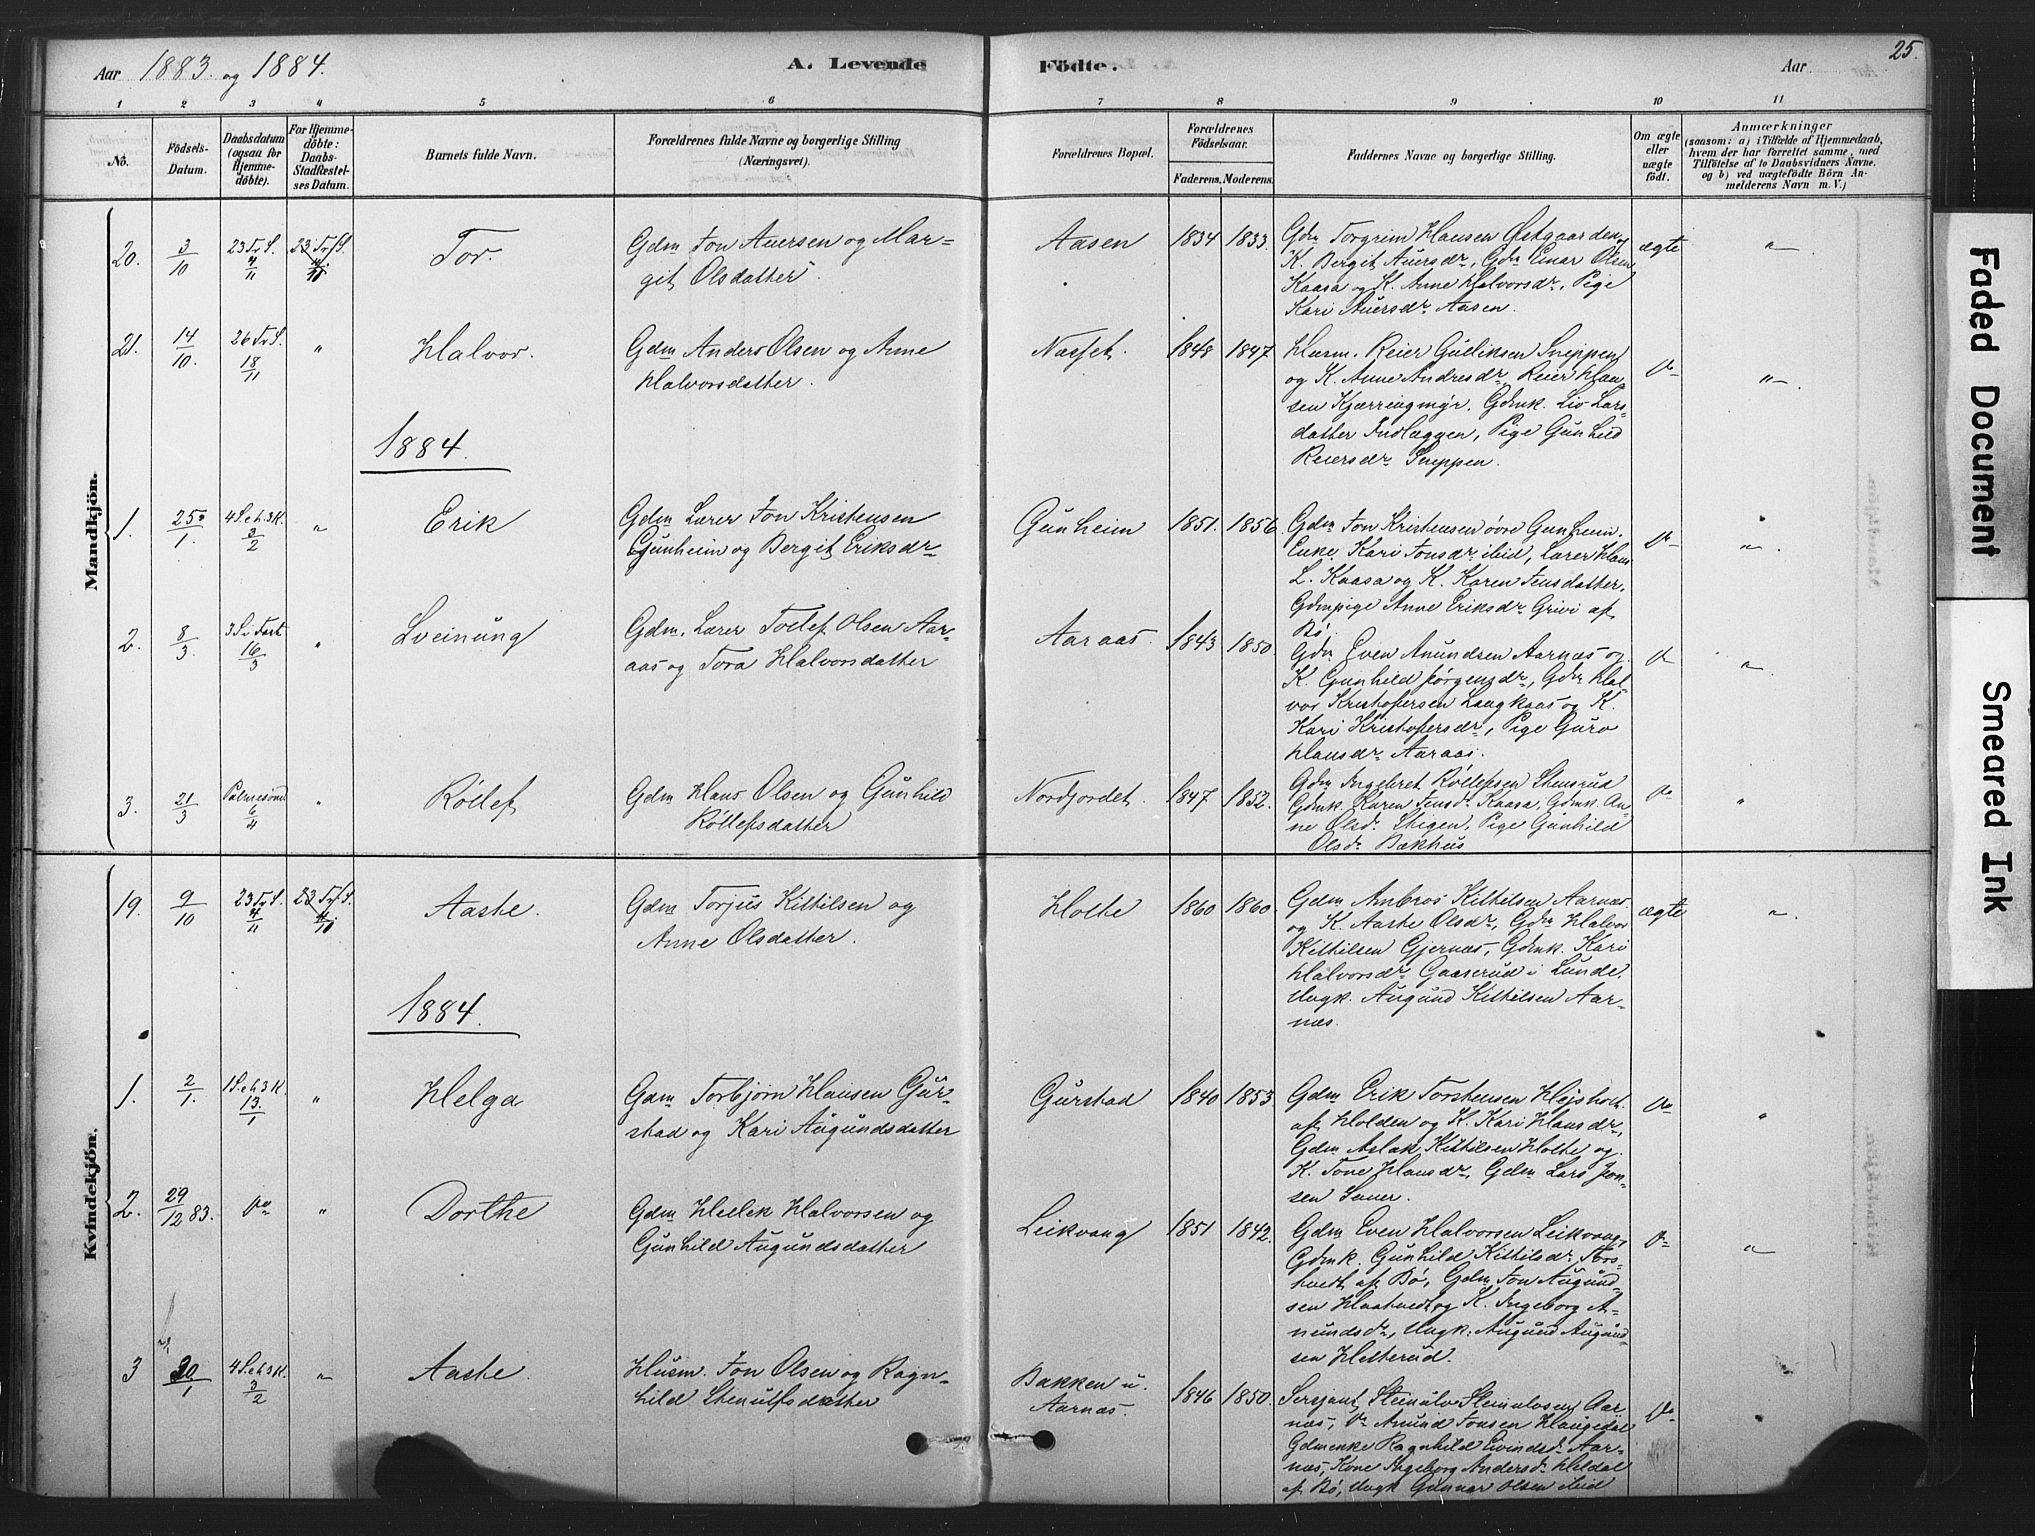 SAKO, Sauherad kirkebøker, F/Fb/L0002: Ministerialbok nr. II 2, 1878-1901, s. 25